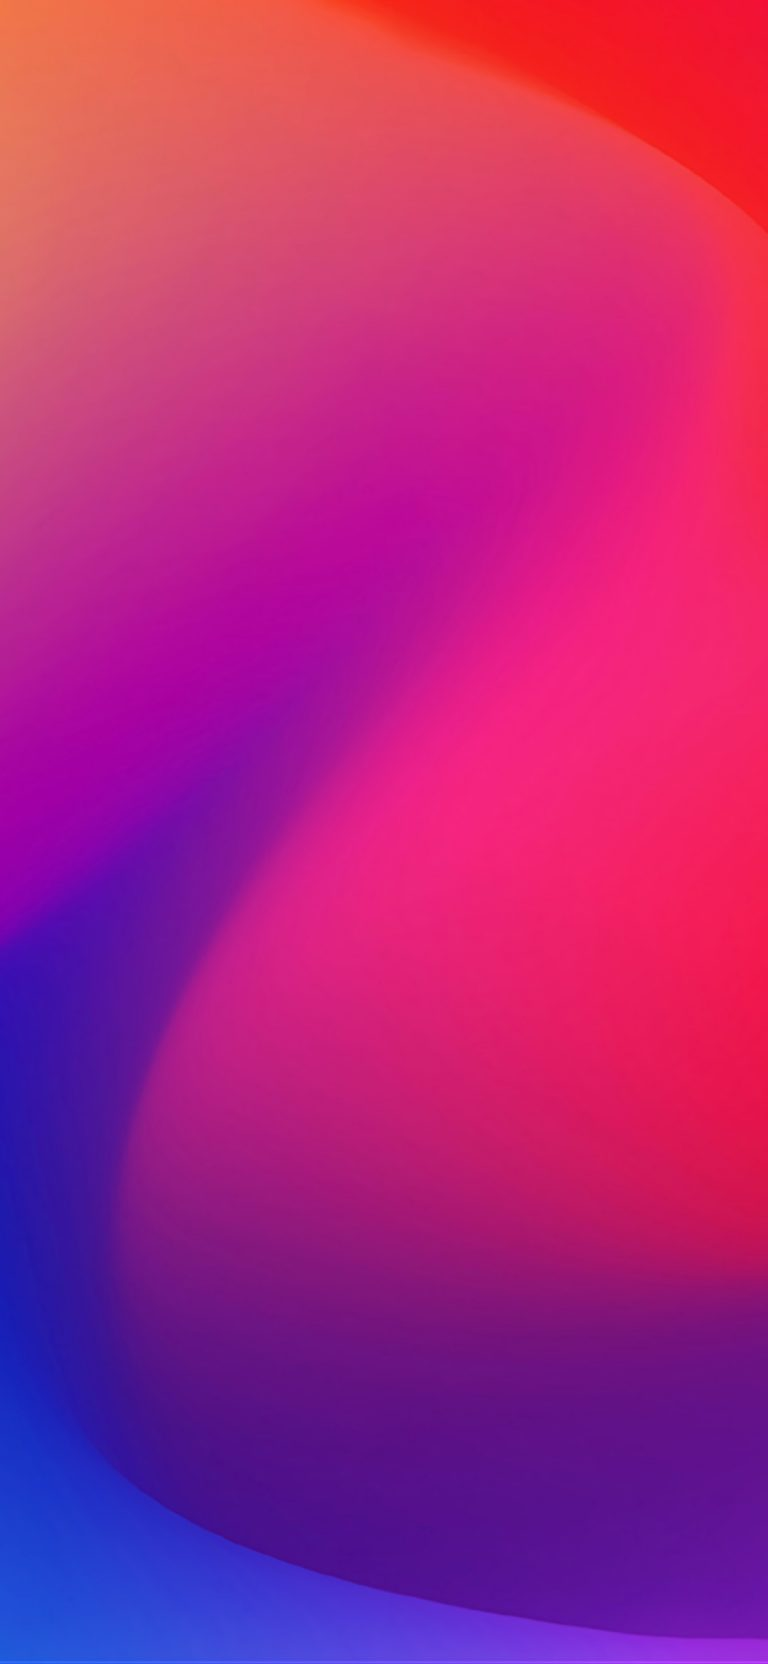 Redmi K20 Pro Stock Wallpaper 01 1080x2340 768x1664